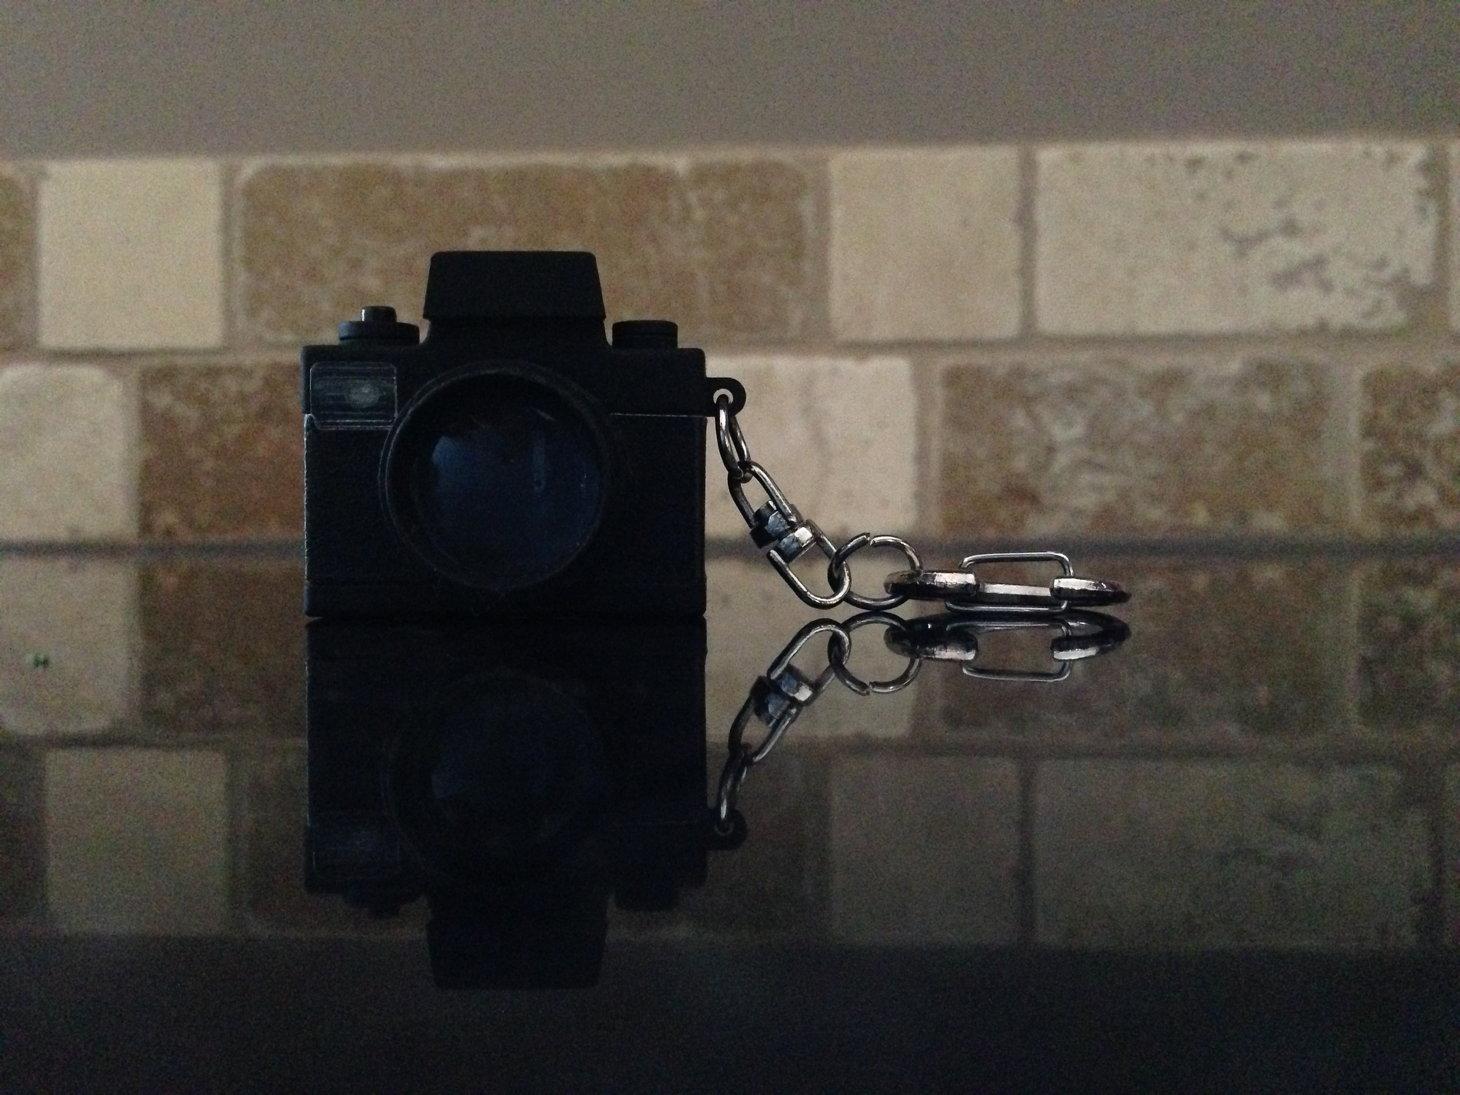 Iată evoluția camerei de pe iPhone 6 În comparație cu predecesorii săi: macro, low light, portrait și alte ipostaze